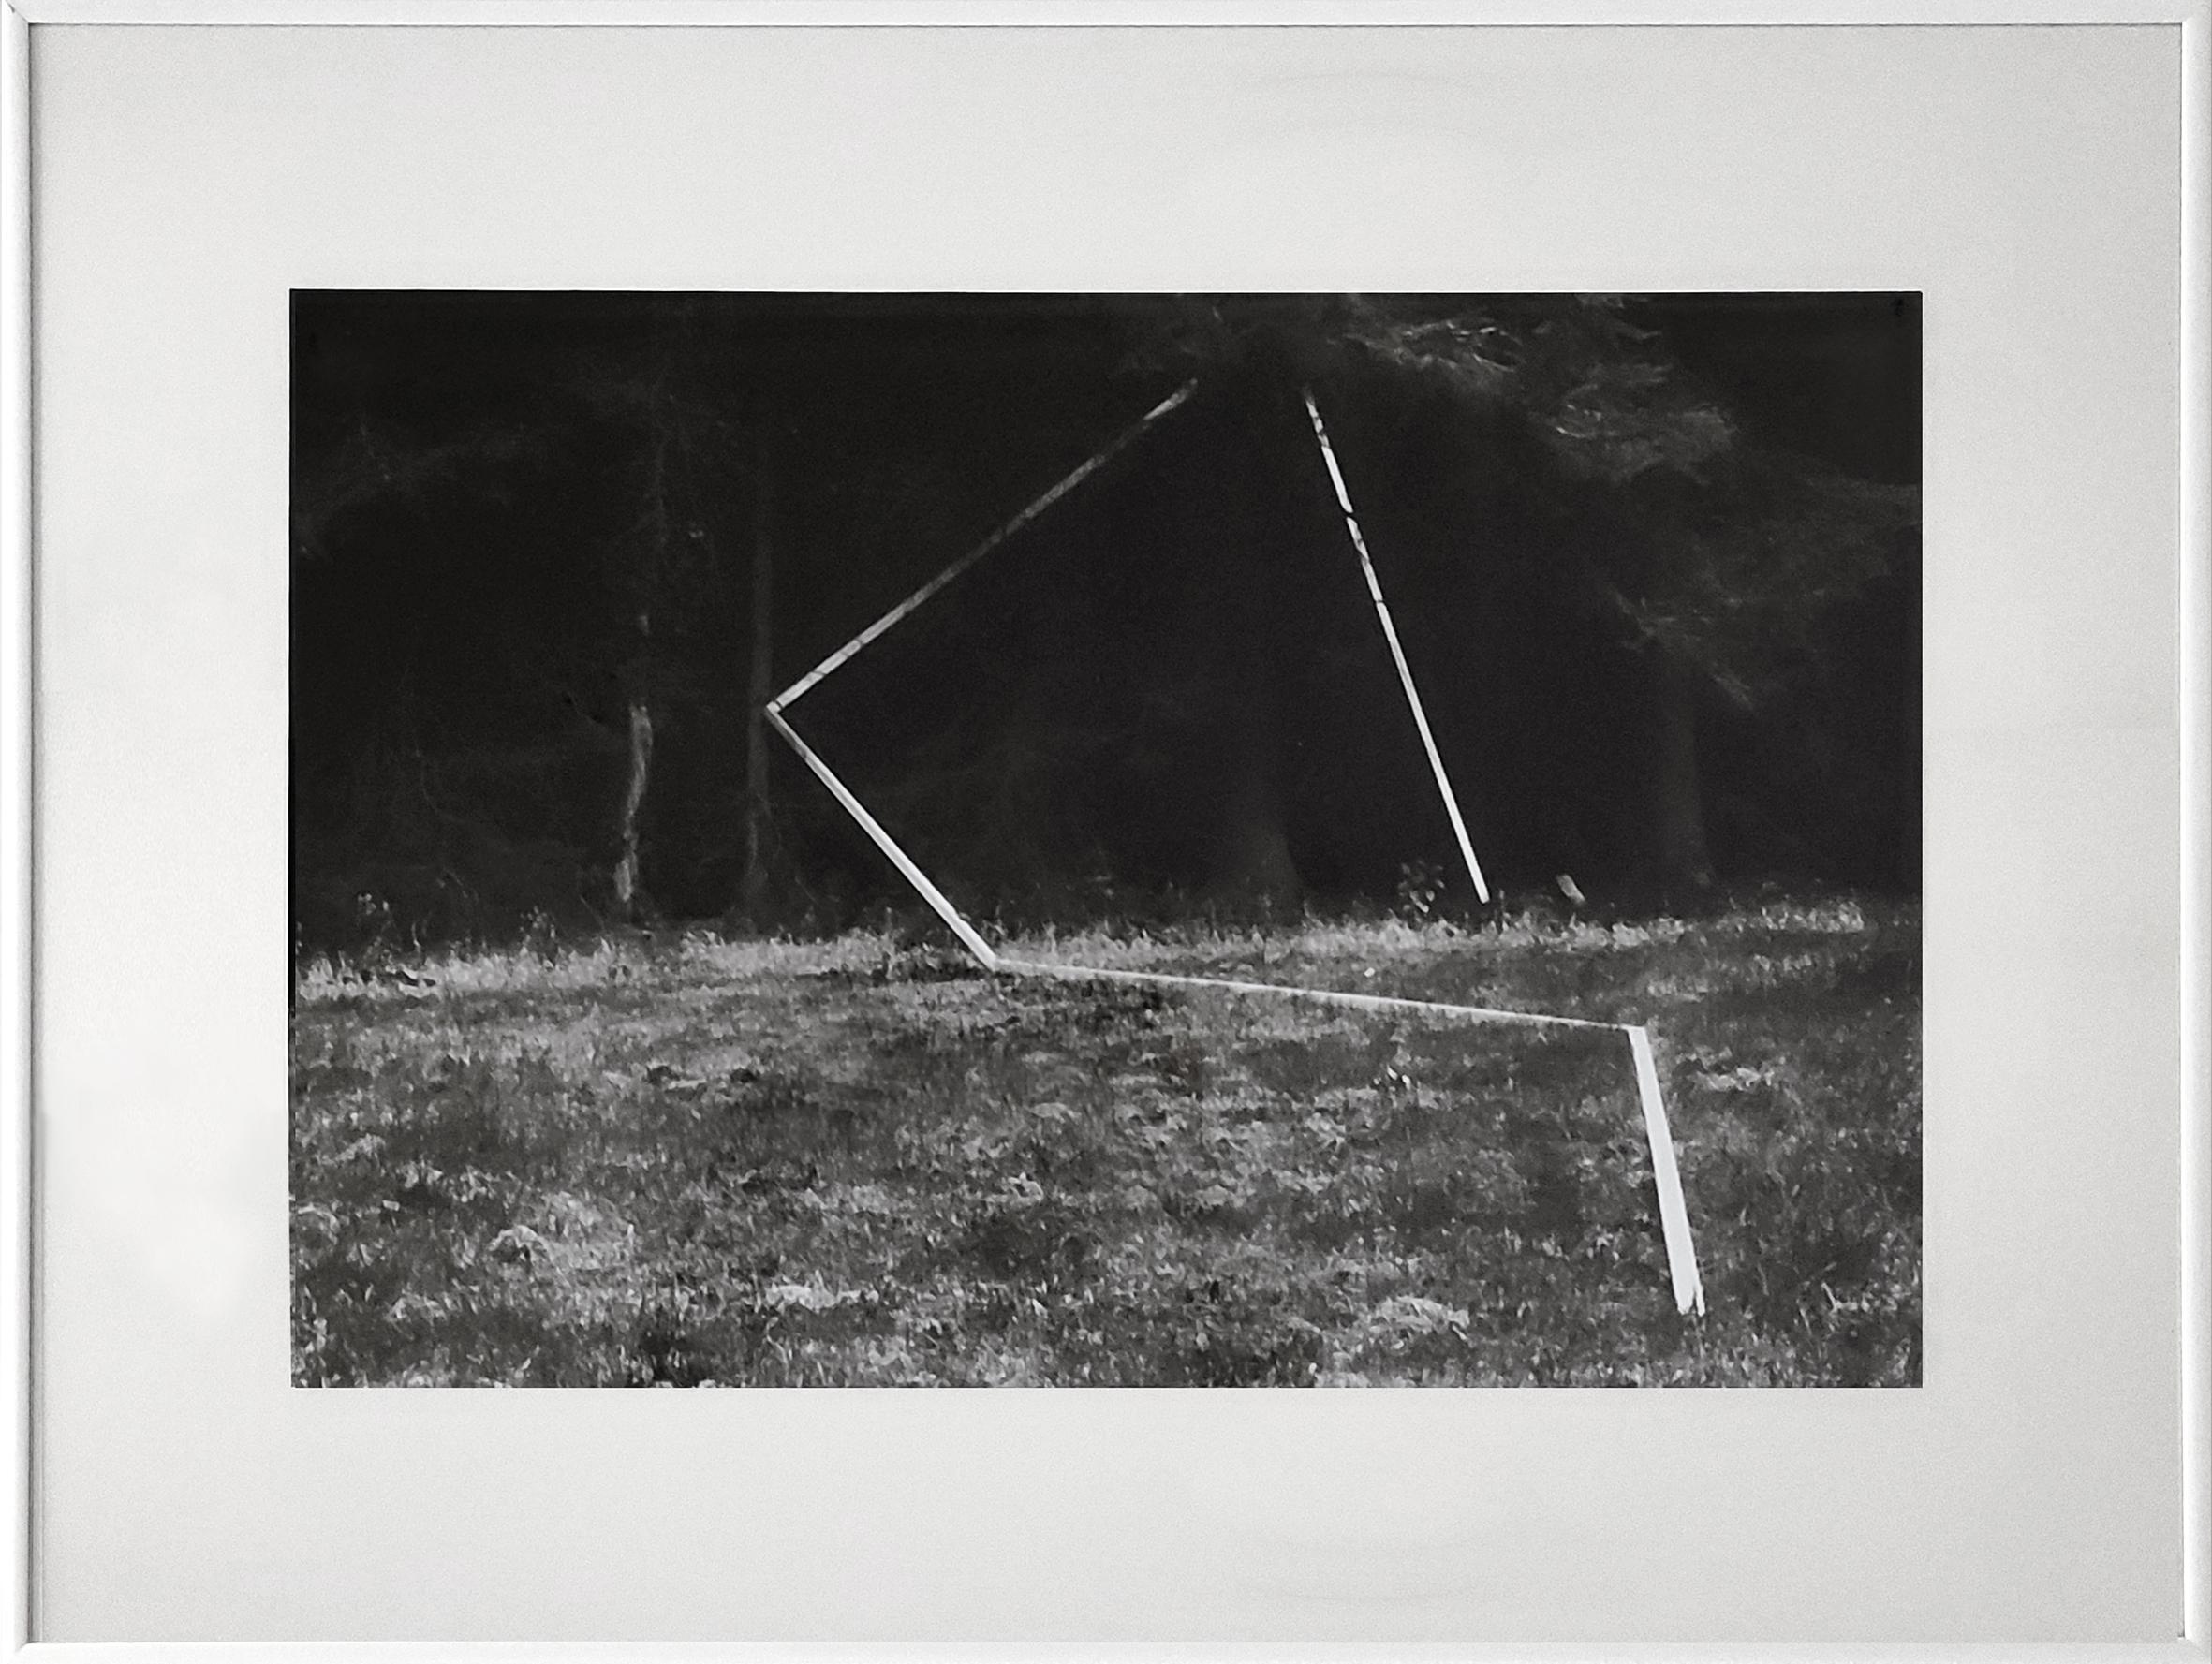 Diet Sayler, Waldraum IV., 1980, Installation, Odenwald, Fotografie, 40x60cm | 62x81cm, Edition 1:7